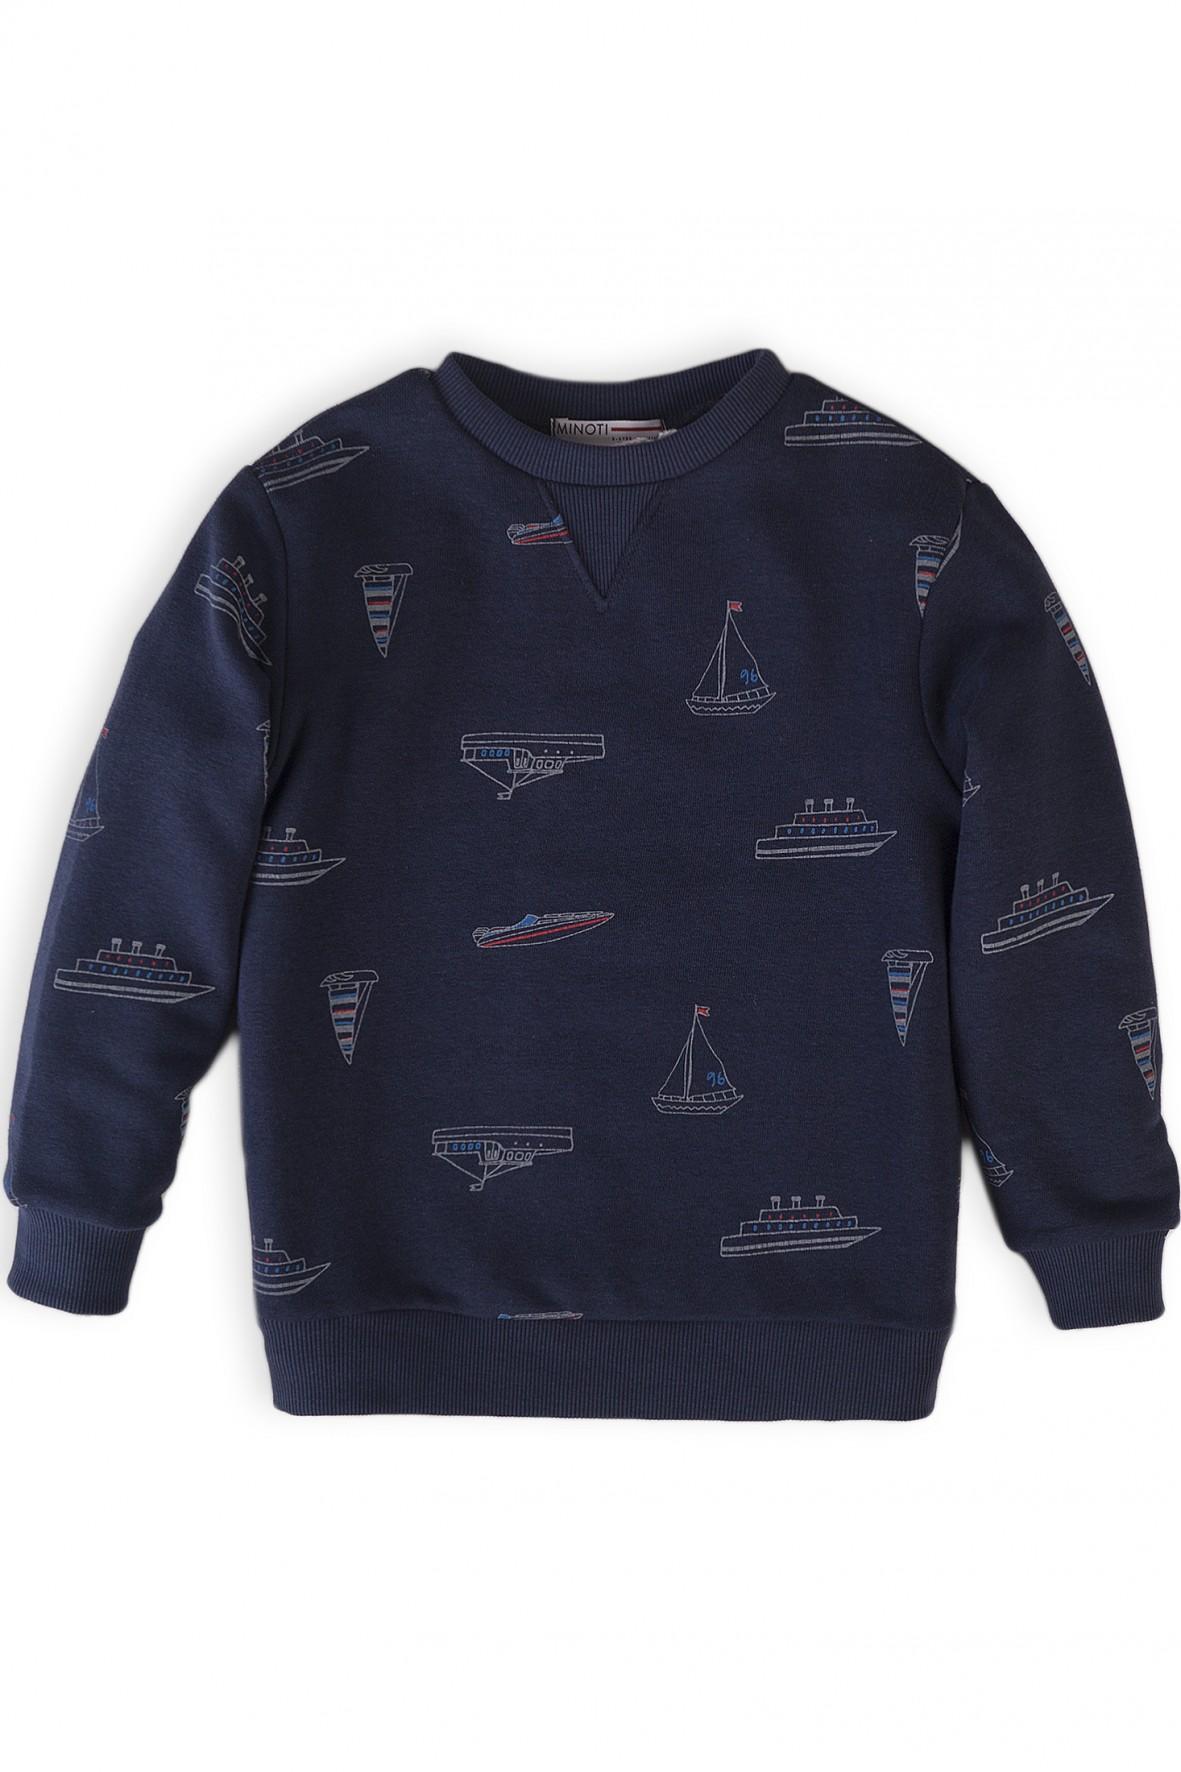 Granatowa bluza dresowa dla chłopca w łódki